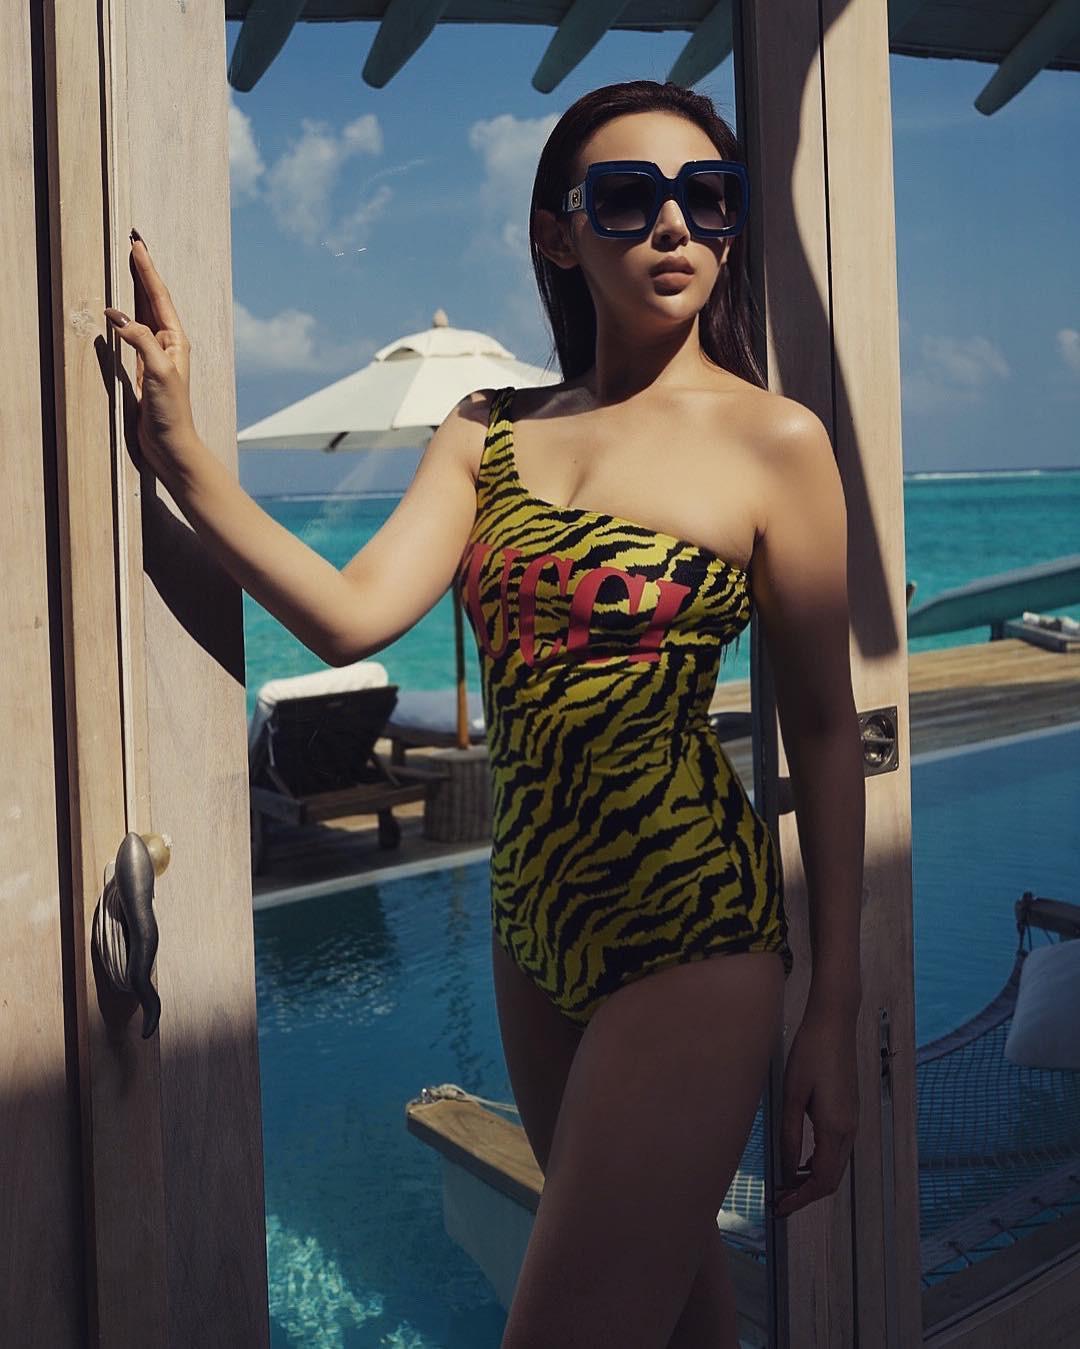 Cuộc chiến khoe eo thon dáng nuột với bikini: Loạt hot mom cũng táo bạo chẳng kém các sao nữ Vbiz-17